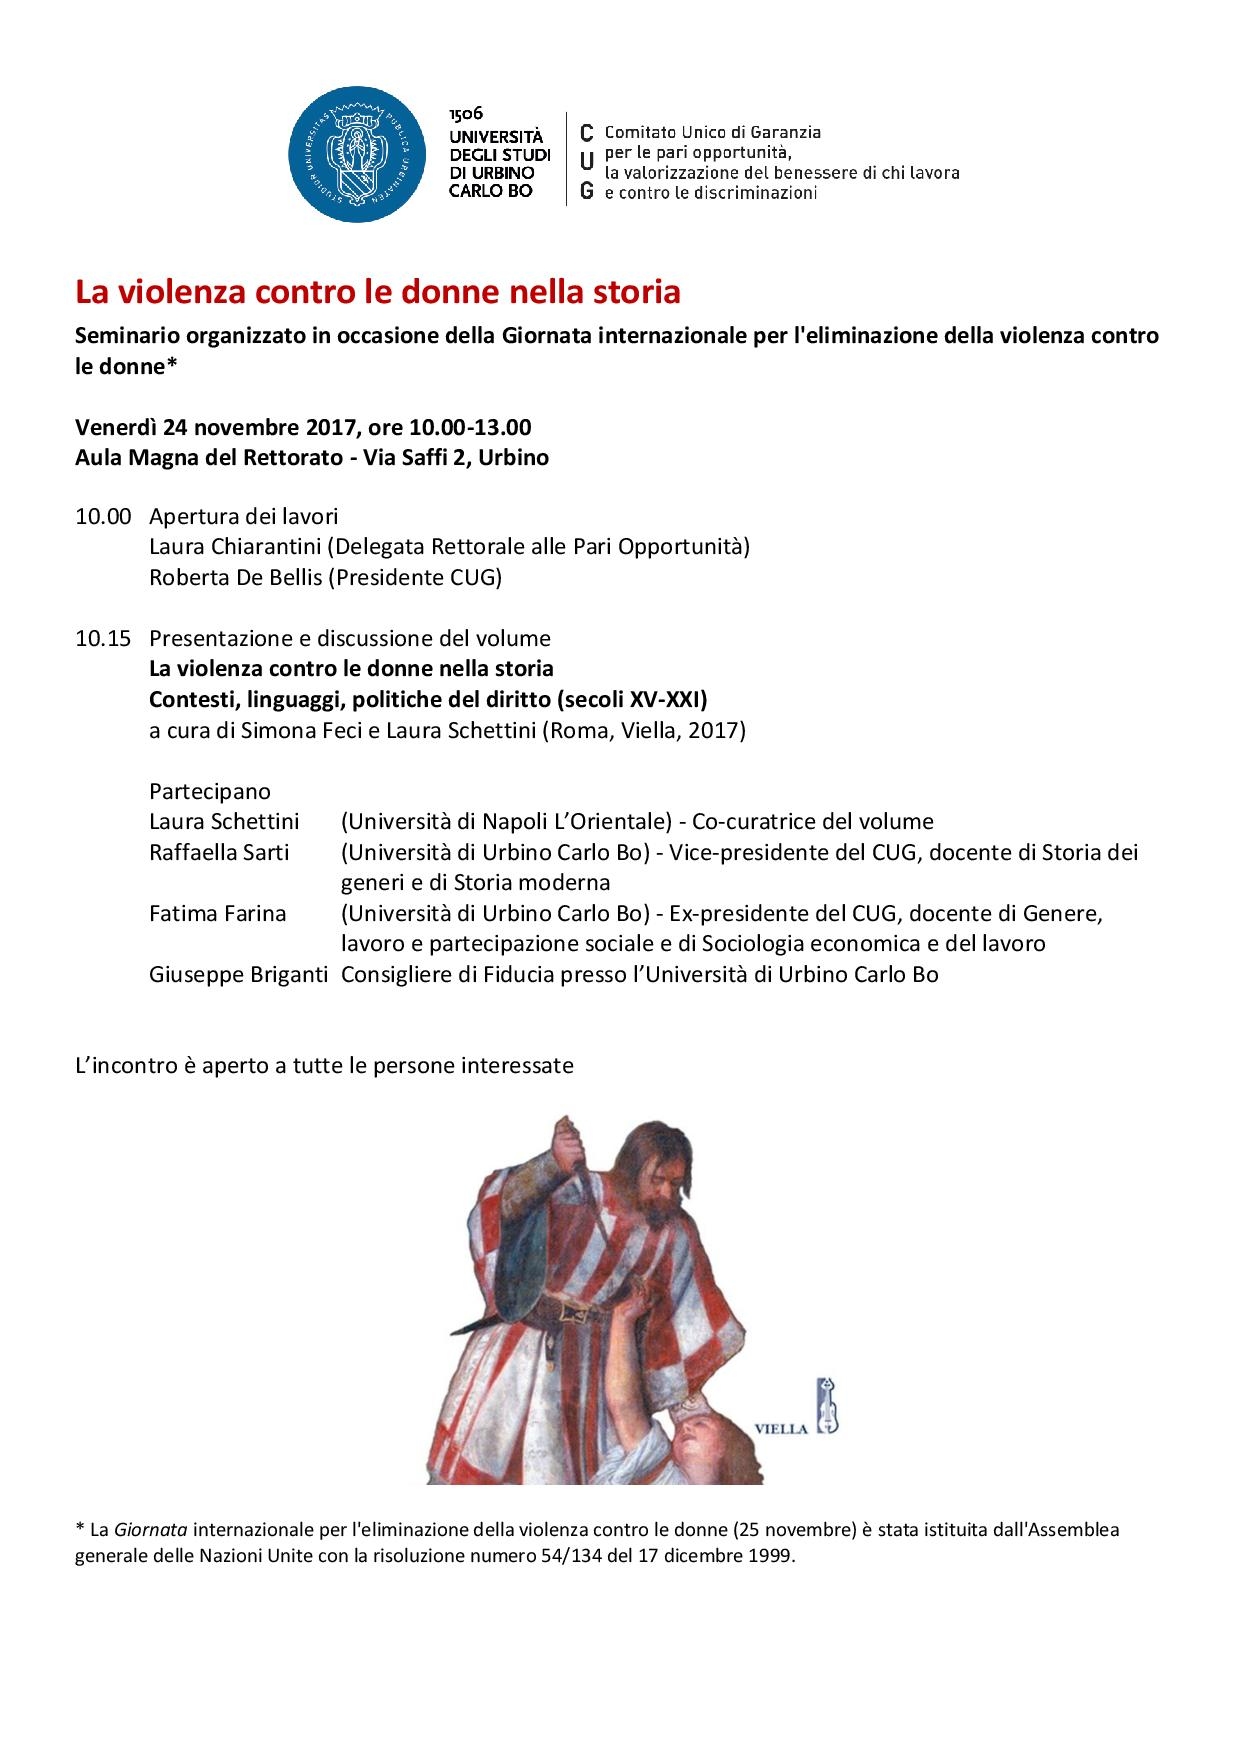 Violenza contro le donne nella storia: se ne parla in Urbino il 24 novembre 2017